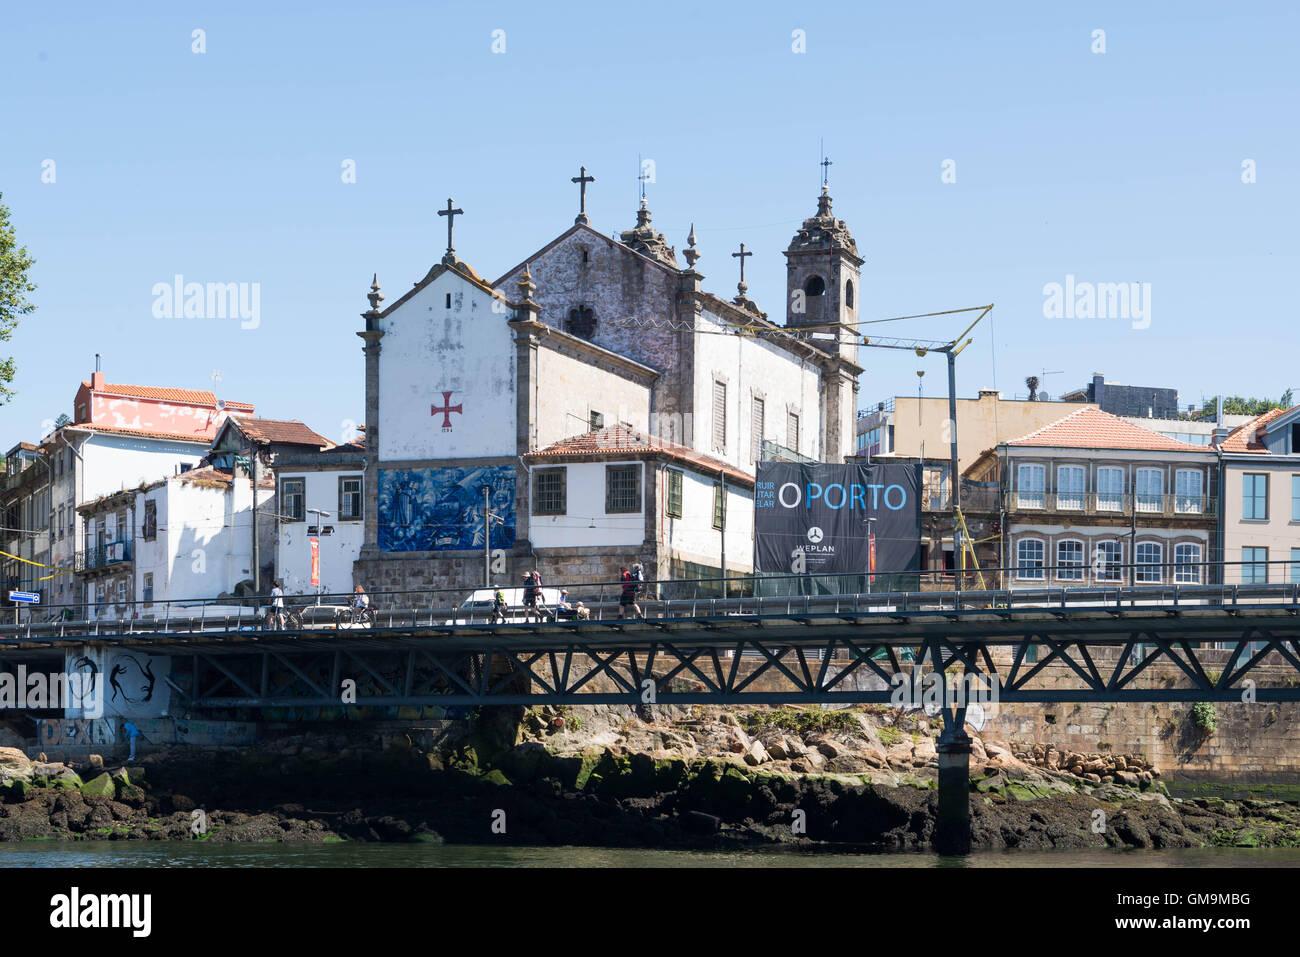 Igreja do Corpo Santo de Massarelos, Porto, Portogallo. Immagini Stock